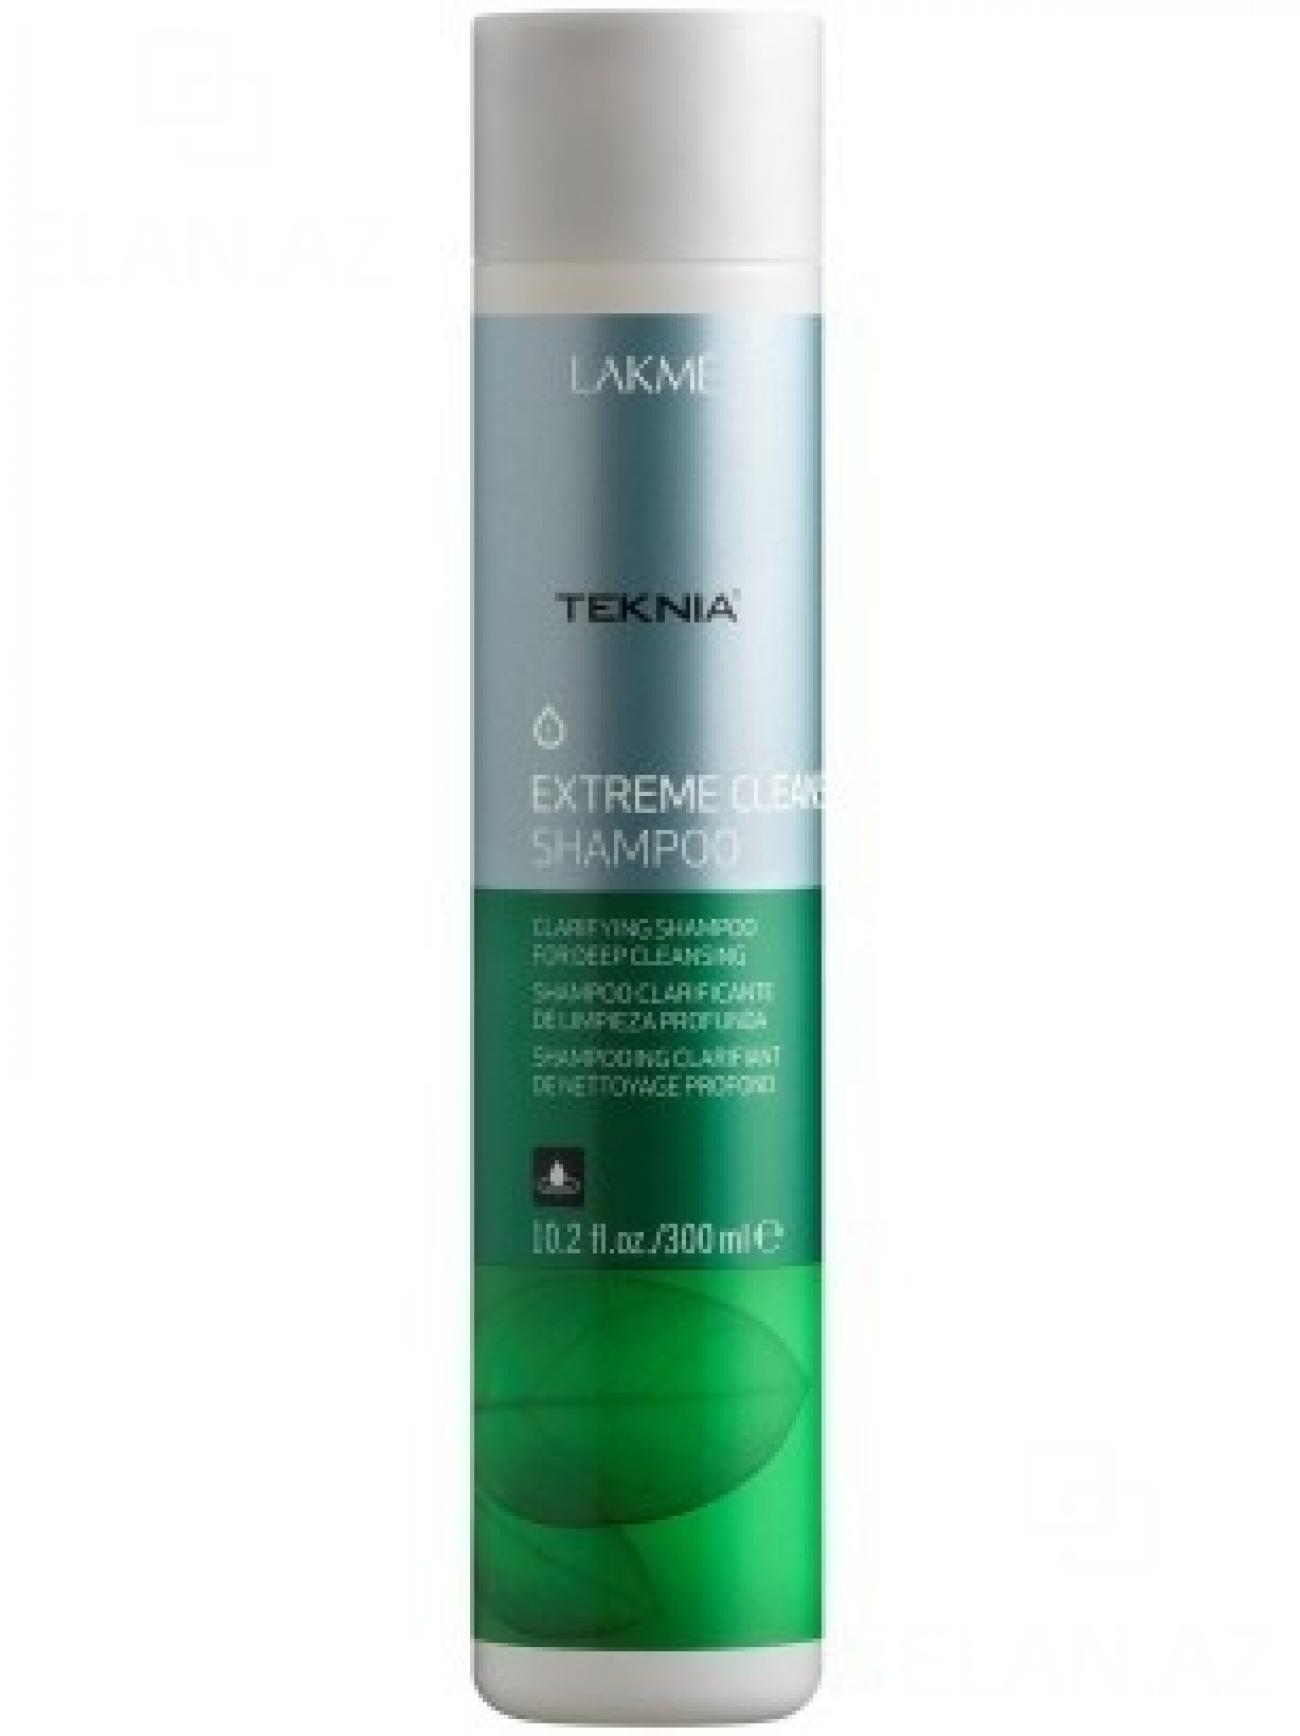 Lakme Шампунь для глубокого очищения Shampoo, 100 млMP59.4DОбогащенный фруктовыми кислотами и экстрактом зеленого чая, он придает волосам естественный блеск и мягкость. Вытяжка из плодов индийского каштана оказывает вяжущее, антисептическое действие и обеспечивает глубокое очищение , как волос, так и кожи головы. Мягкая формула эффективно удаляет остатки укладочных средств и запахи, не вызывает раздражения. Входящий в состав ментол, мгновенно дает ощущение свежести. Шампунь для глубокого очищения Lakme Teknia Extreme Cleanse Shampoo содержит WAA™ – комплекс растительных аминокислот, ухаживающий за волосами и оказывающий глубокое воздействие изнутри. Идеально подходит для очень жирных волос.